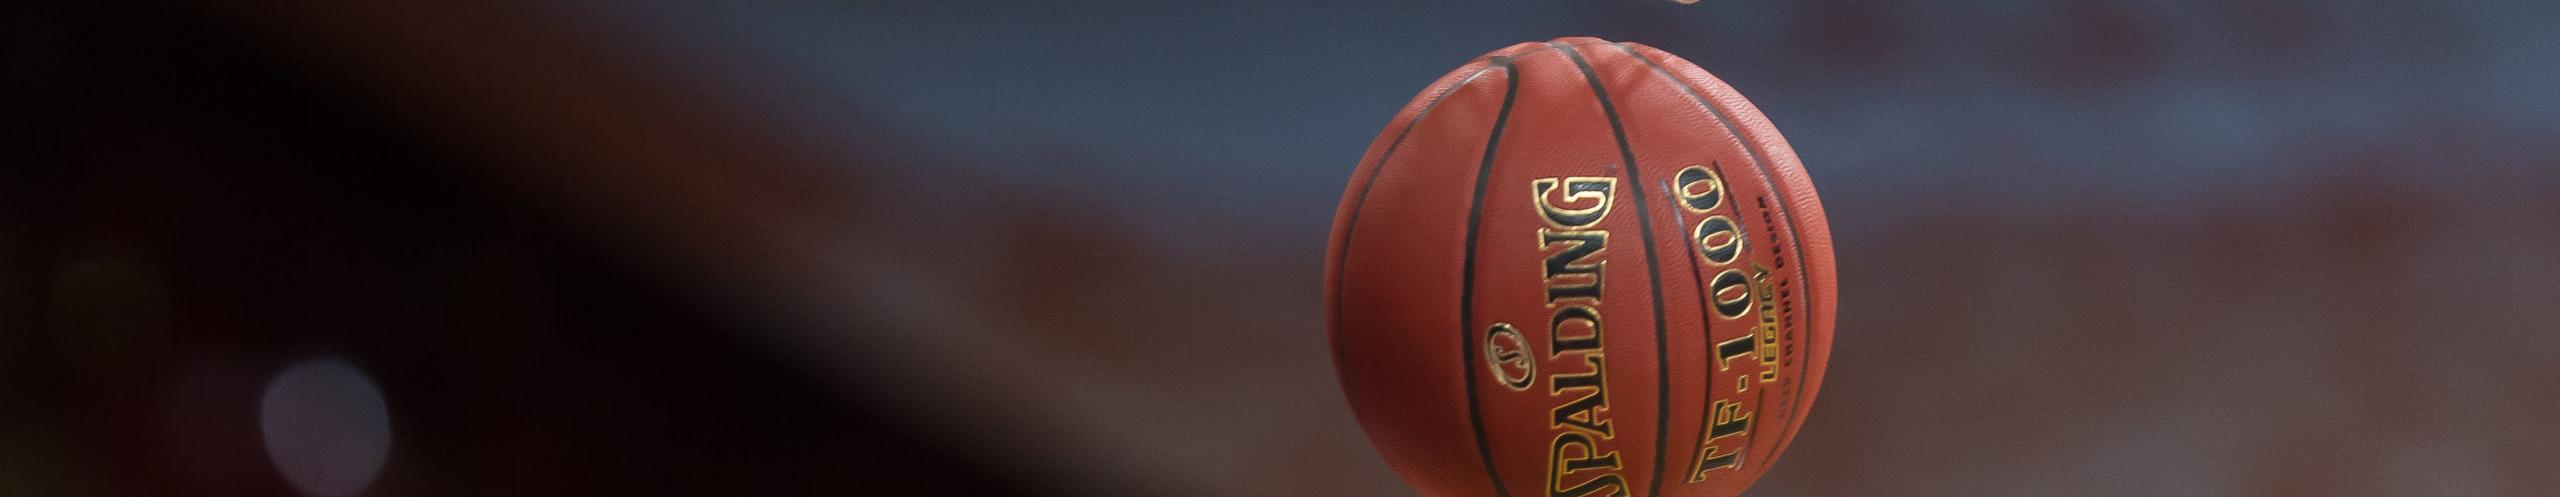 Pronostici NBA Playoff: tutte le partite del 25 agosto